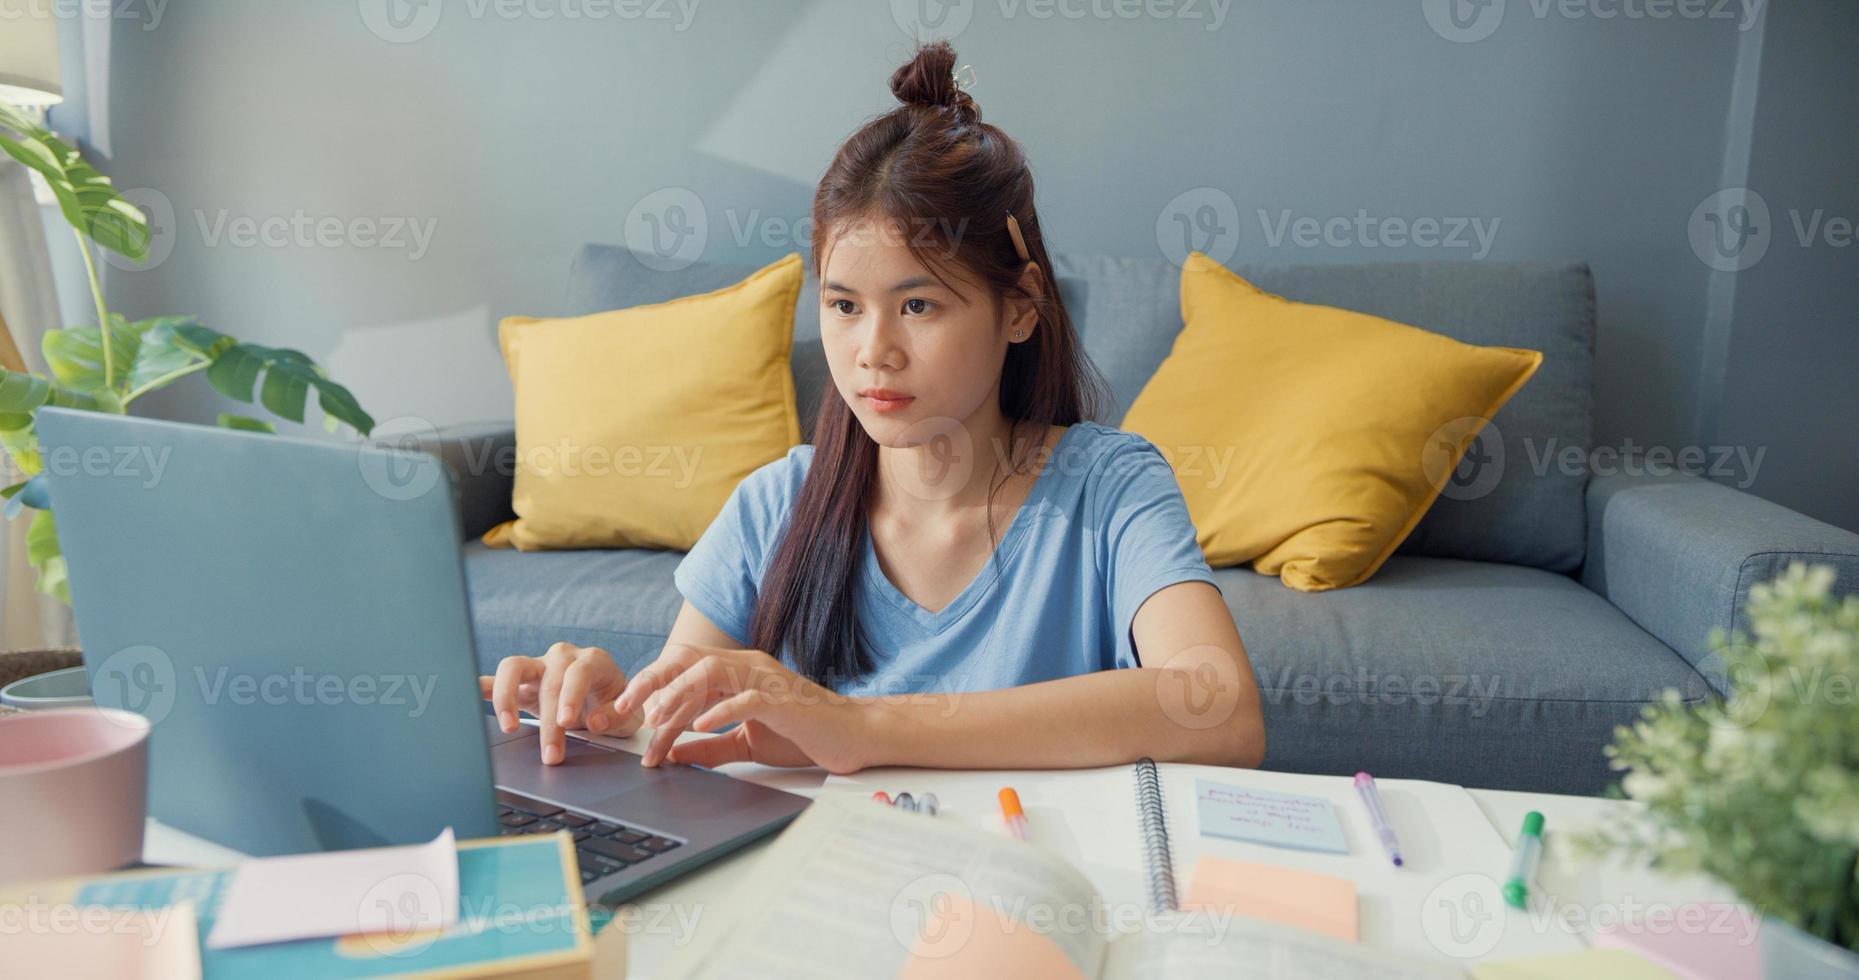 jonge Aziatische meisje tiener met casual gebruik laptopcomputer online leren schrijven college notebook voor de laatste test in de woonkamer thuis. isoleer onderwijs online e-learning coronavirus pandemie concept. foto